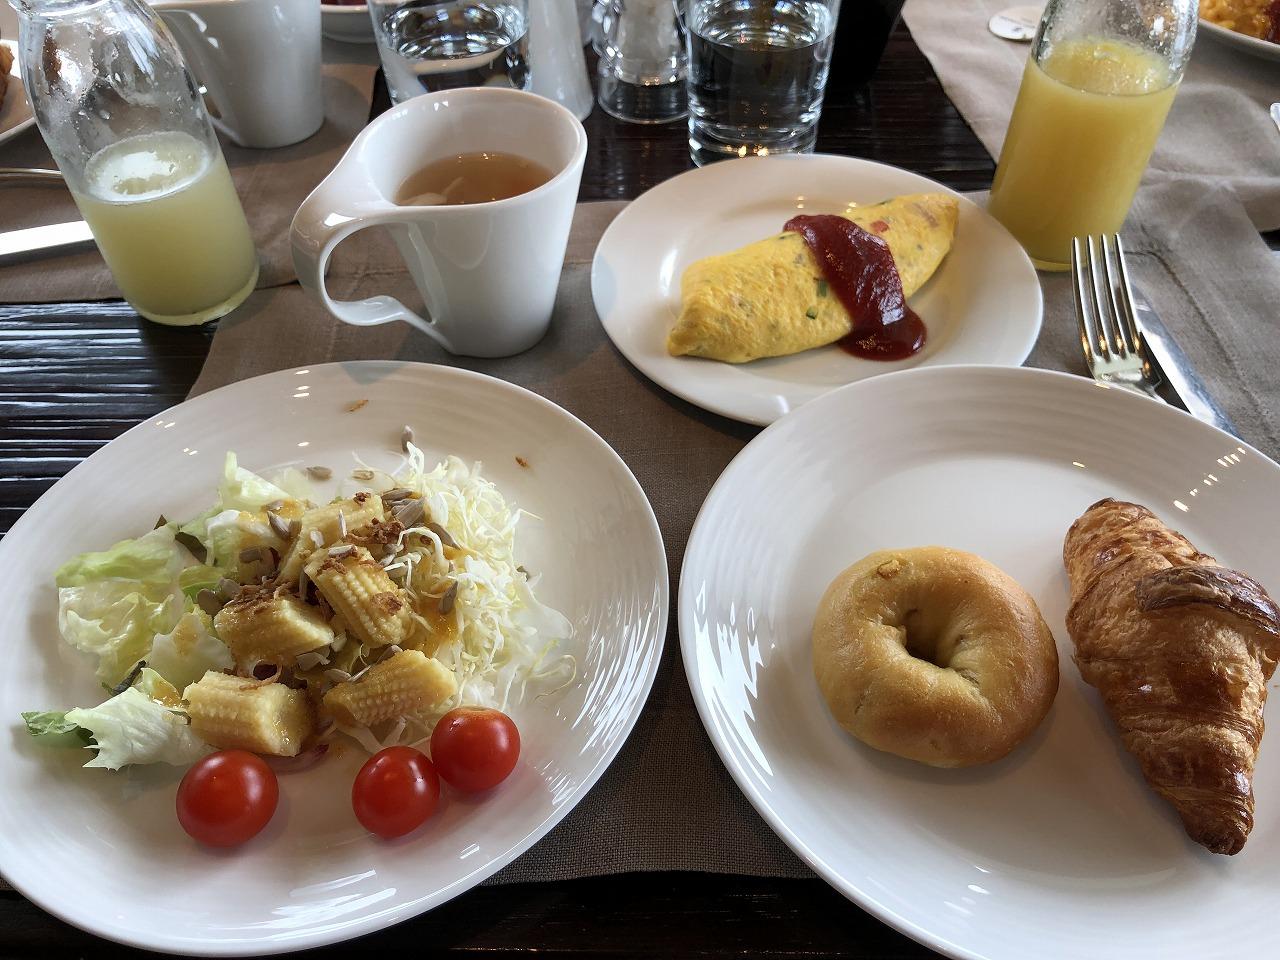 リッツカールトン沖縄の朝食(1日目)